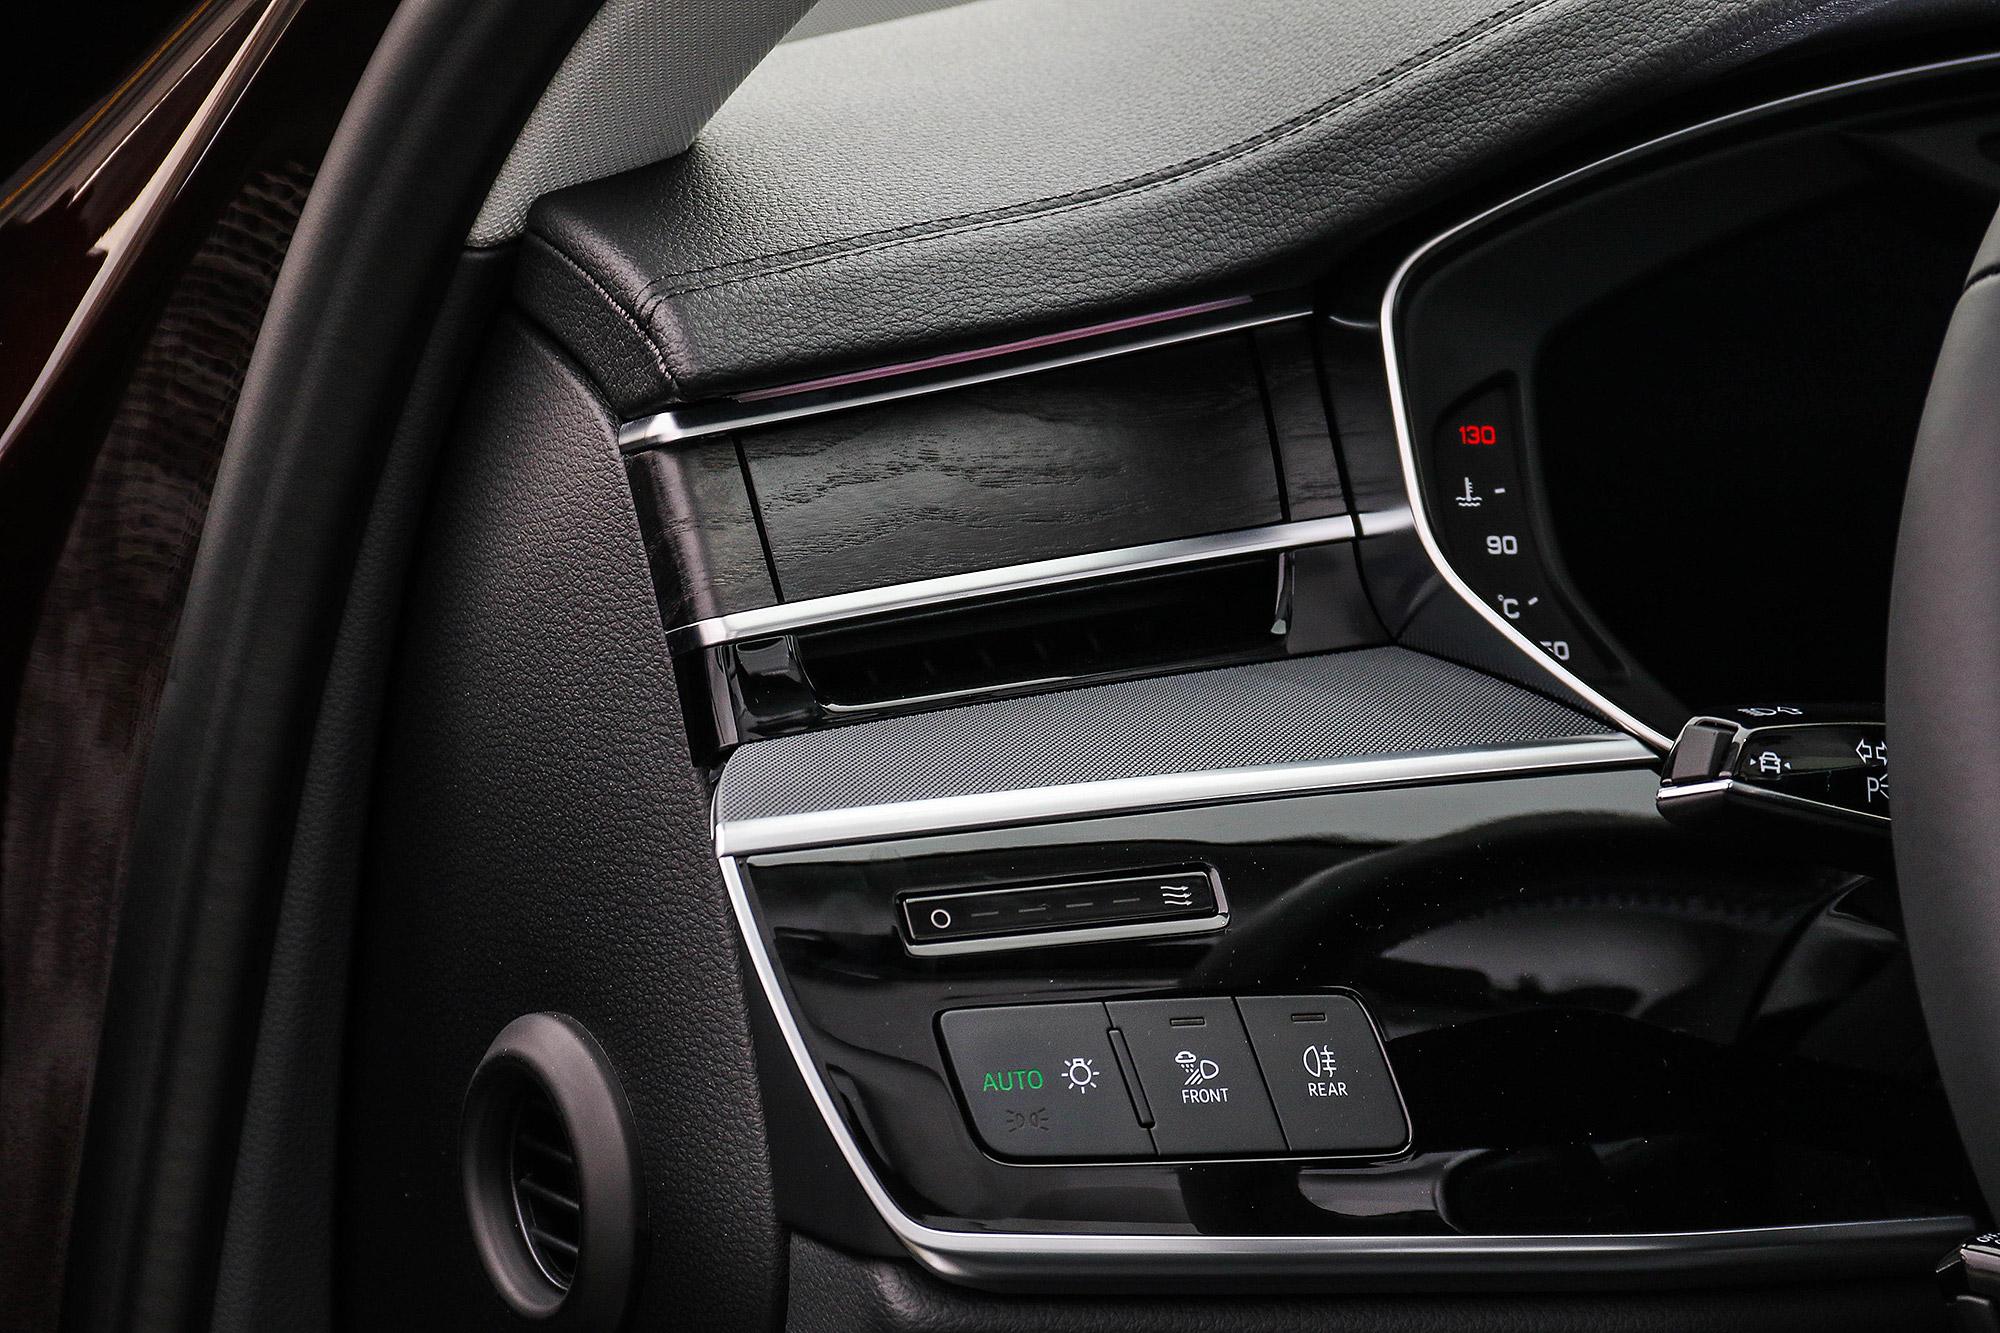 車內空調出風口熄火時會自動關閉。